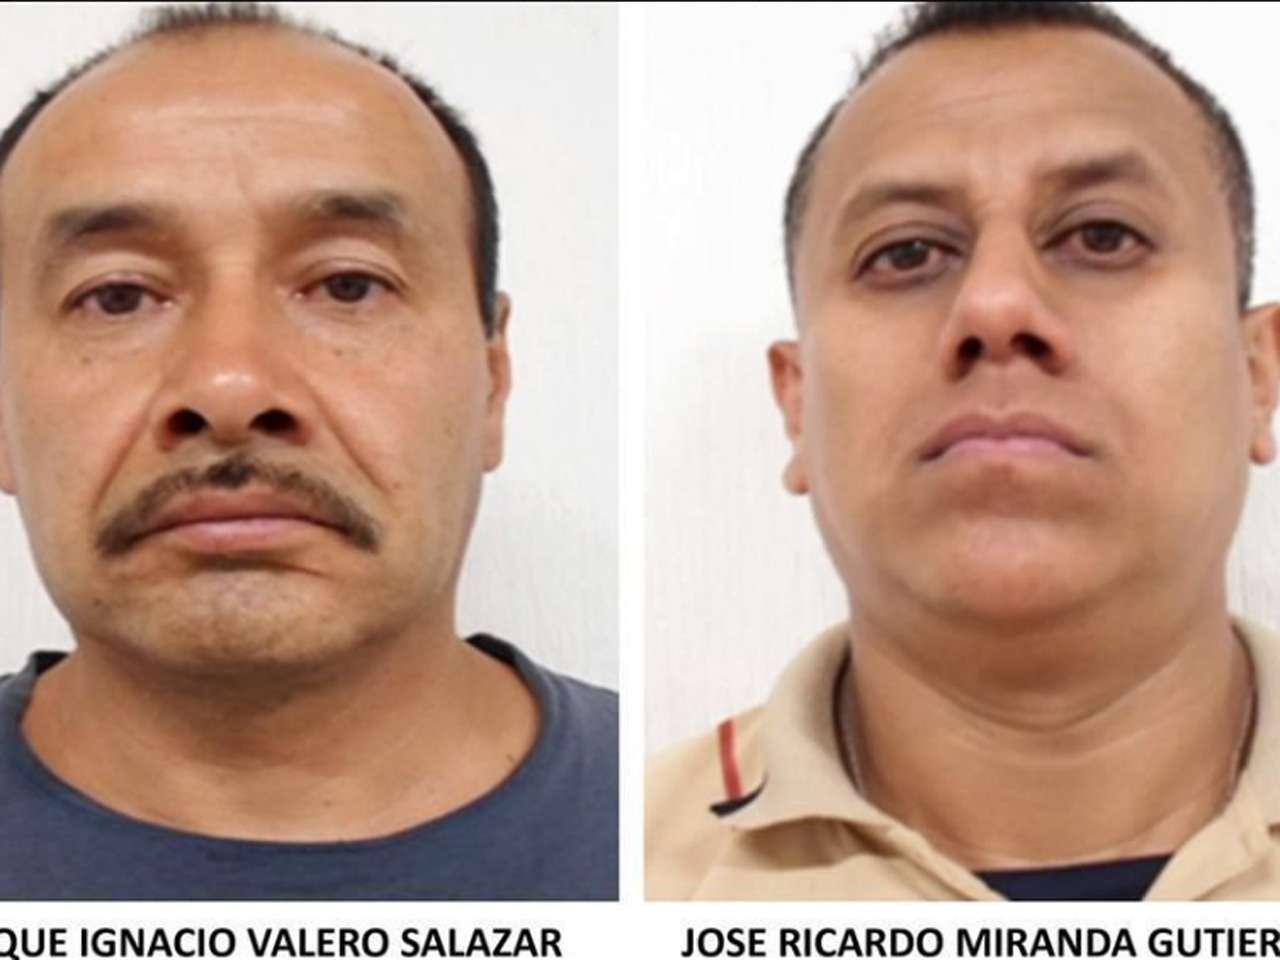 Los hombres fueron arrestados el 13 de septiembre luego de que asaltaran una tienda en División del Norte y Pacífico, en Coyoacán Foto: PGJDF